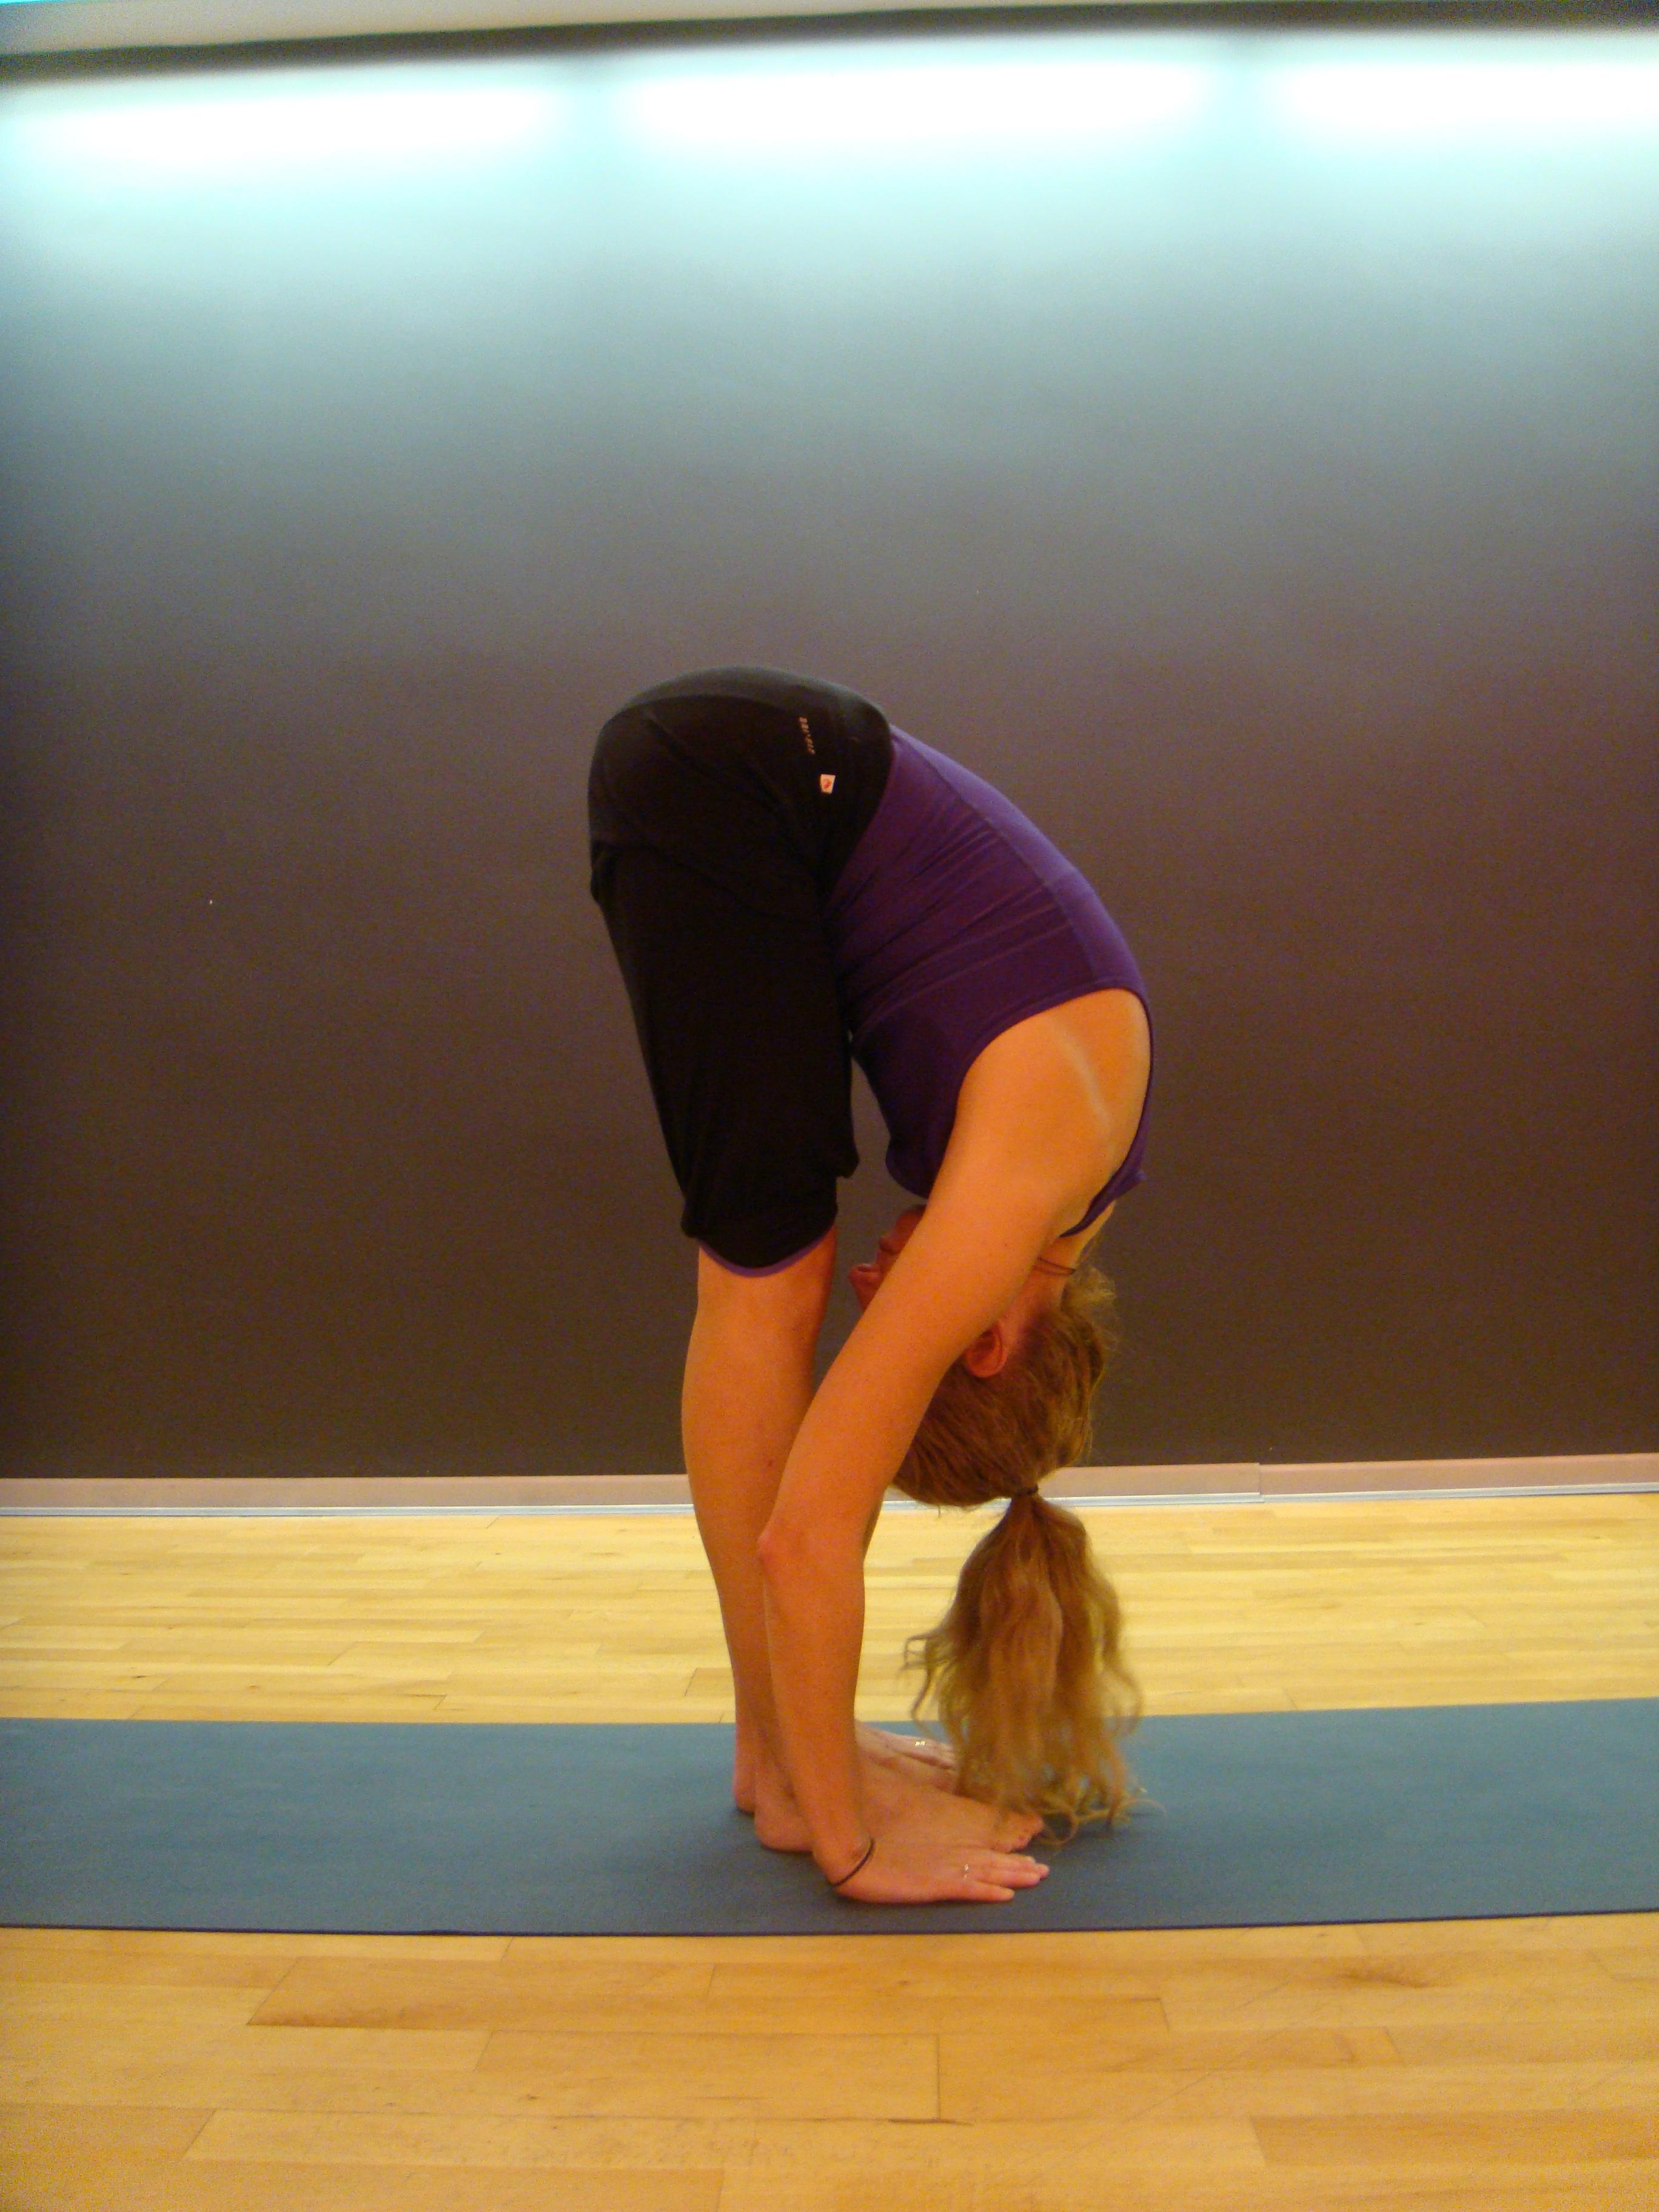 Trabajar la flexibilidad corporal para mejorar la salud